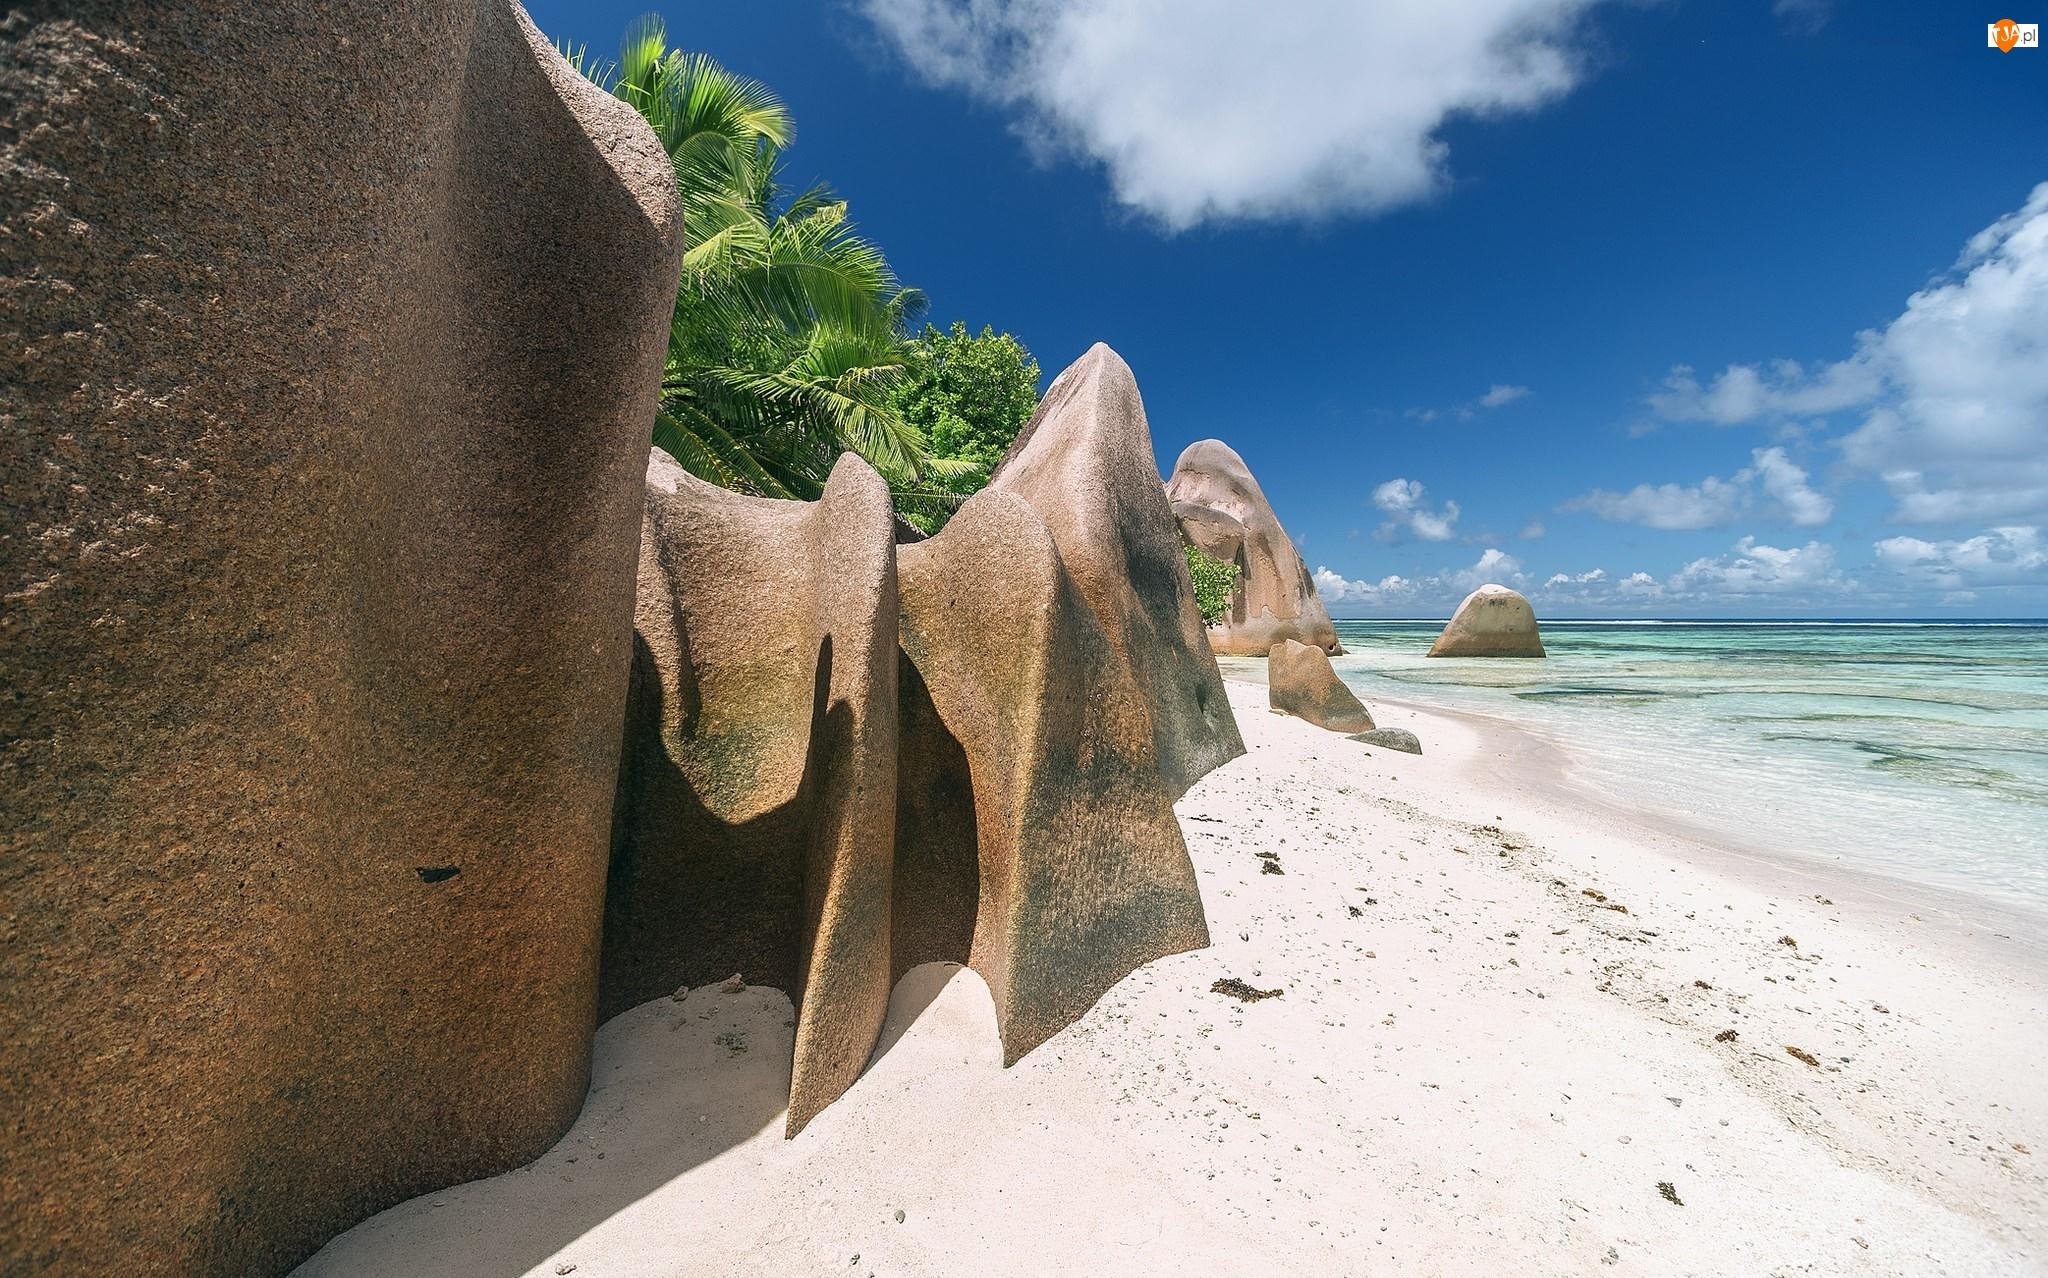 Plaża, Palmy, Seszele, Tropiki, Wyspa La Digue, Skały